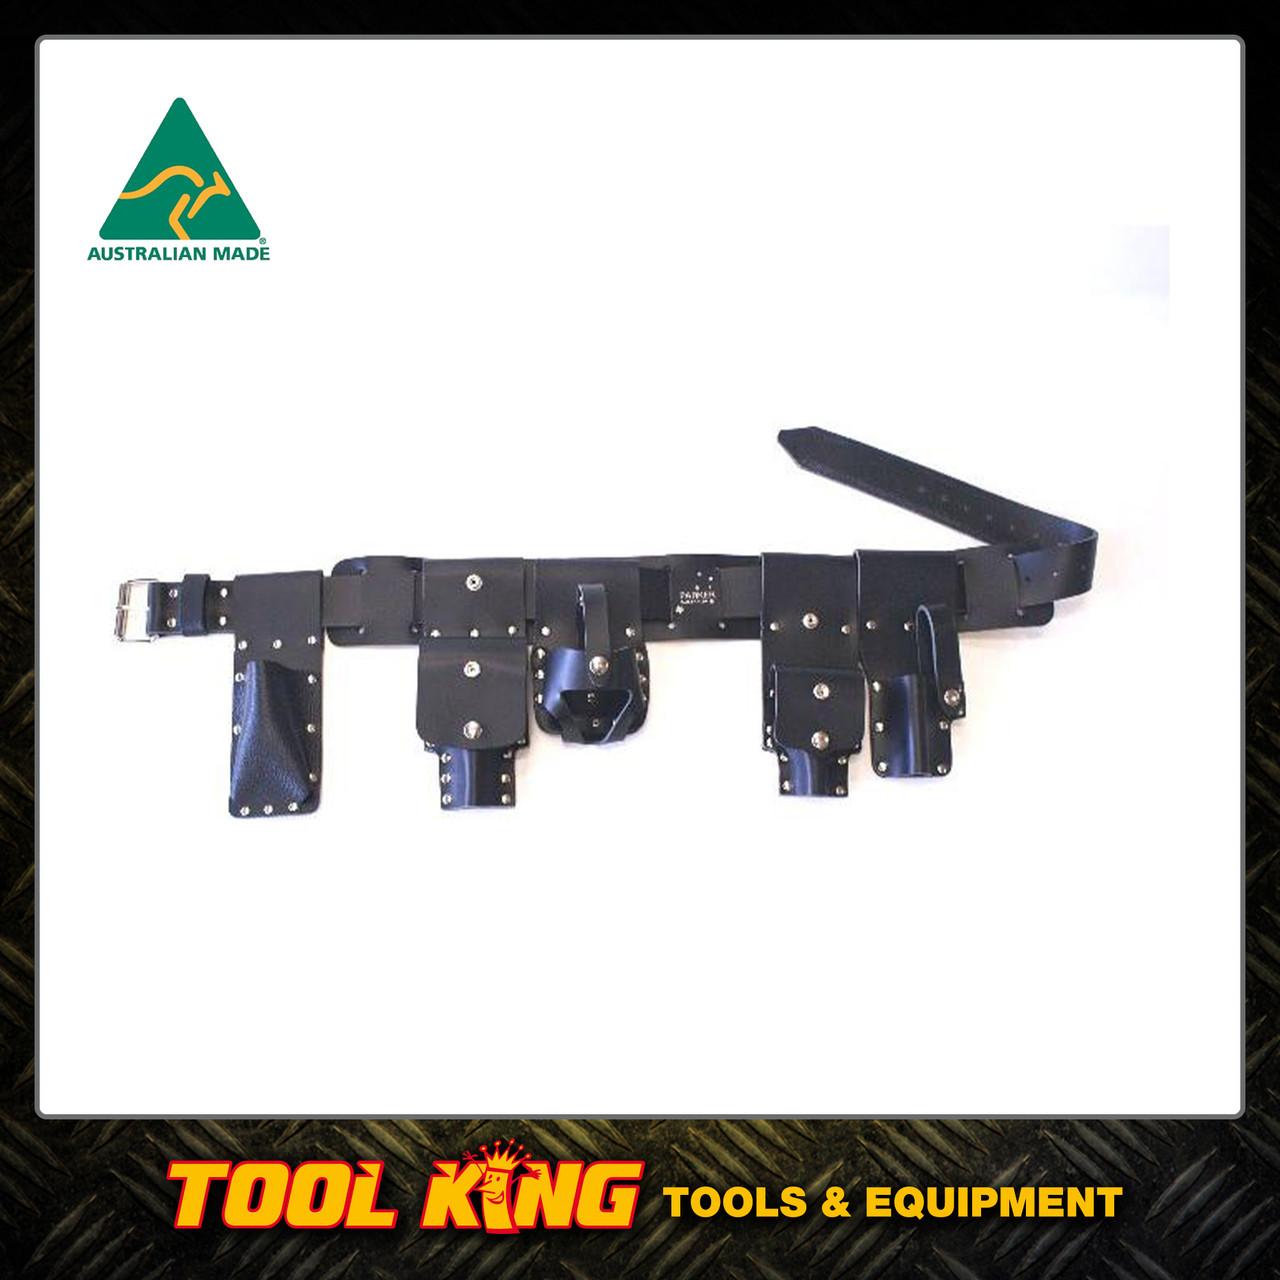 Leather Scaffolders tool Belt Australian Made